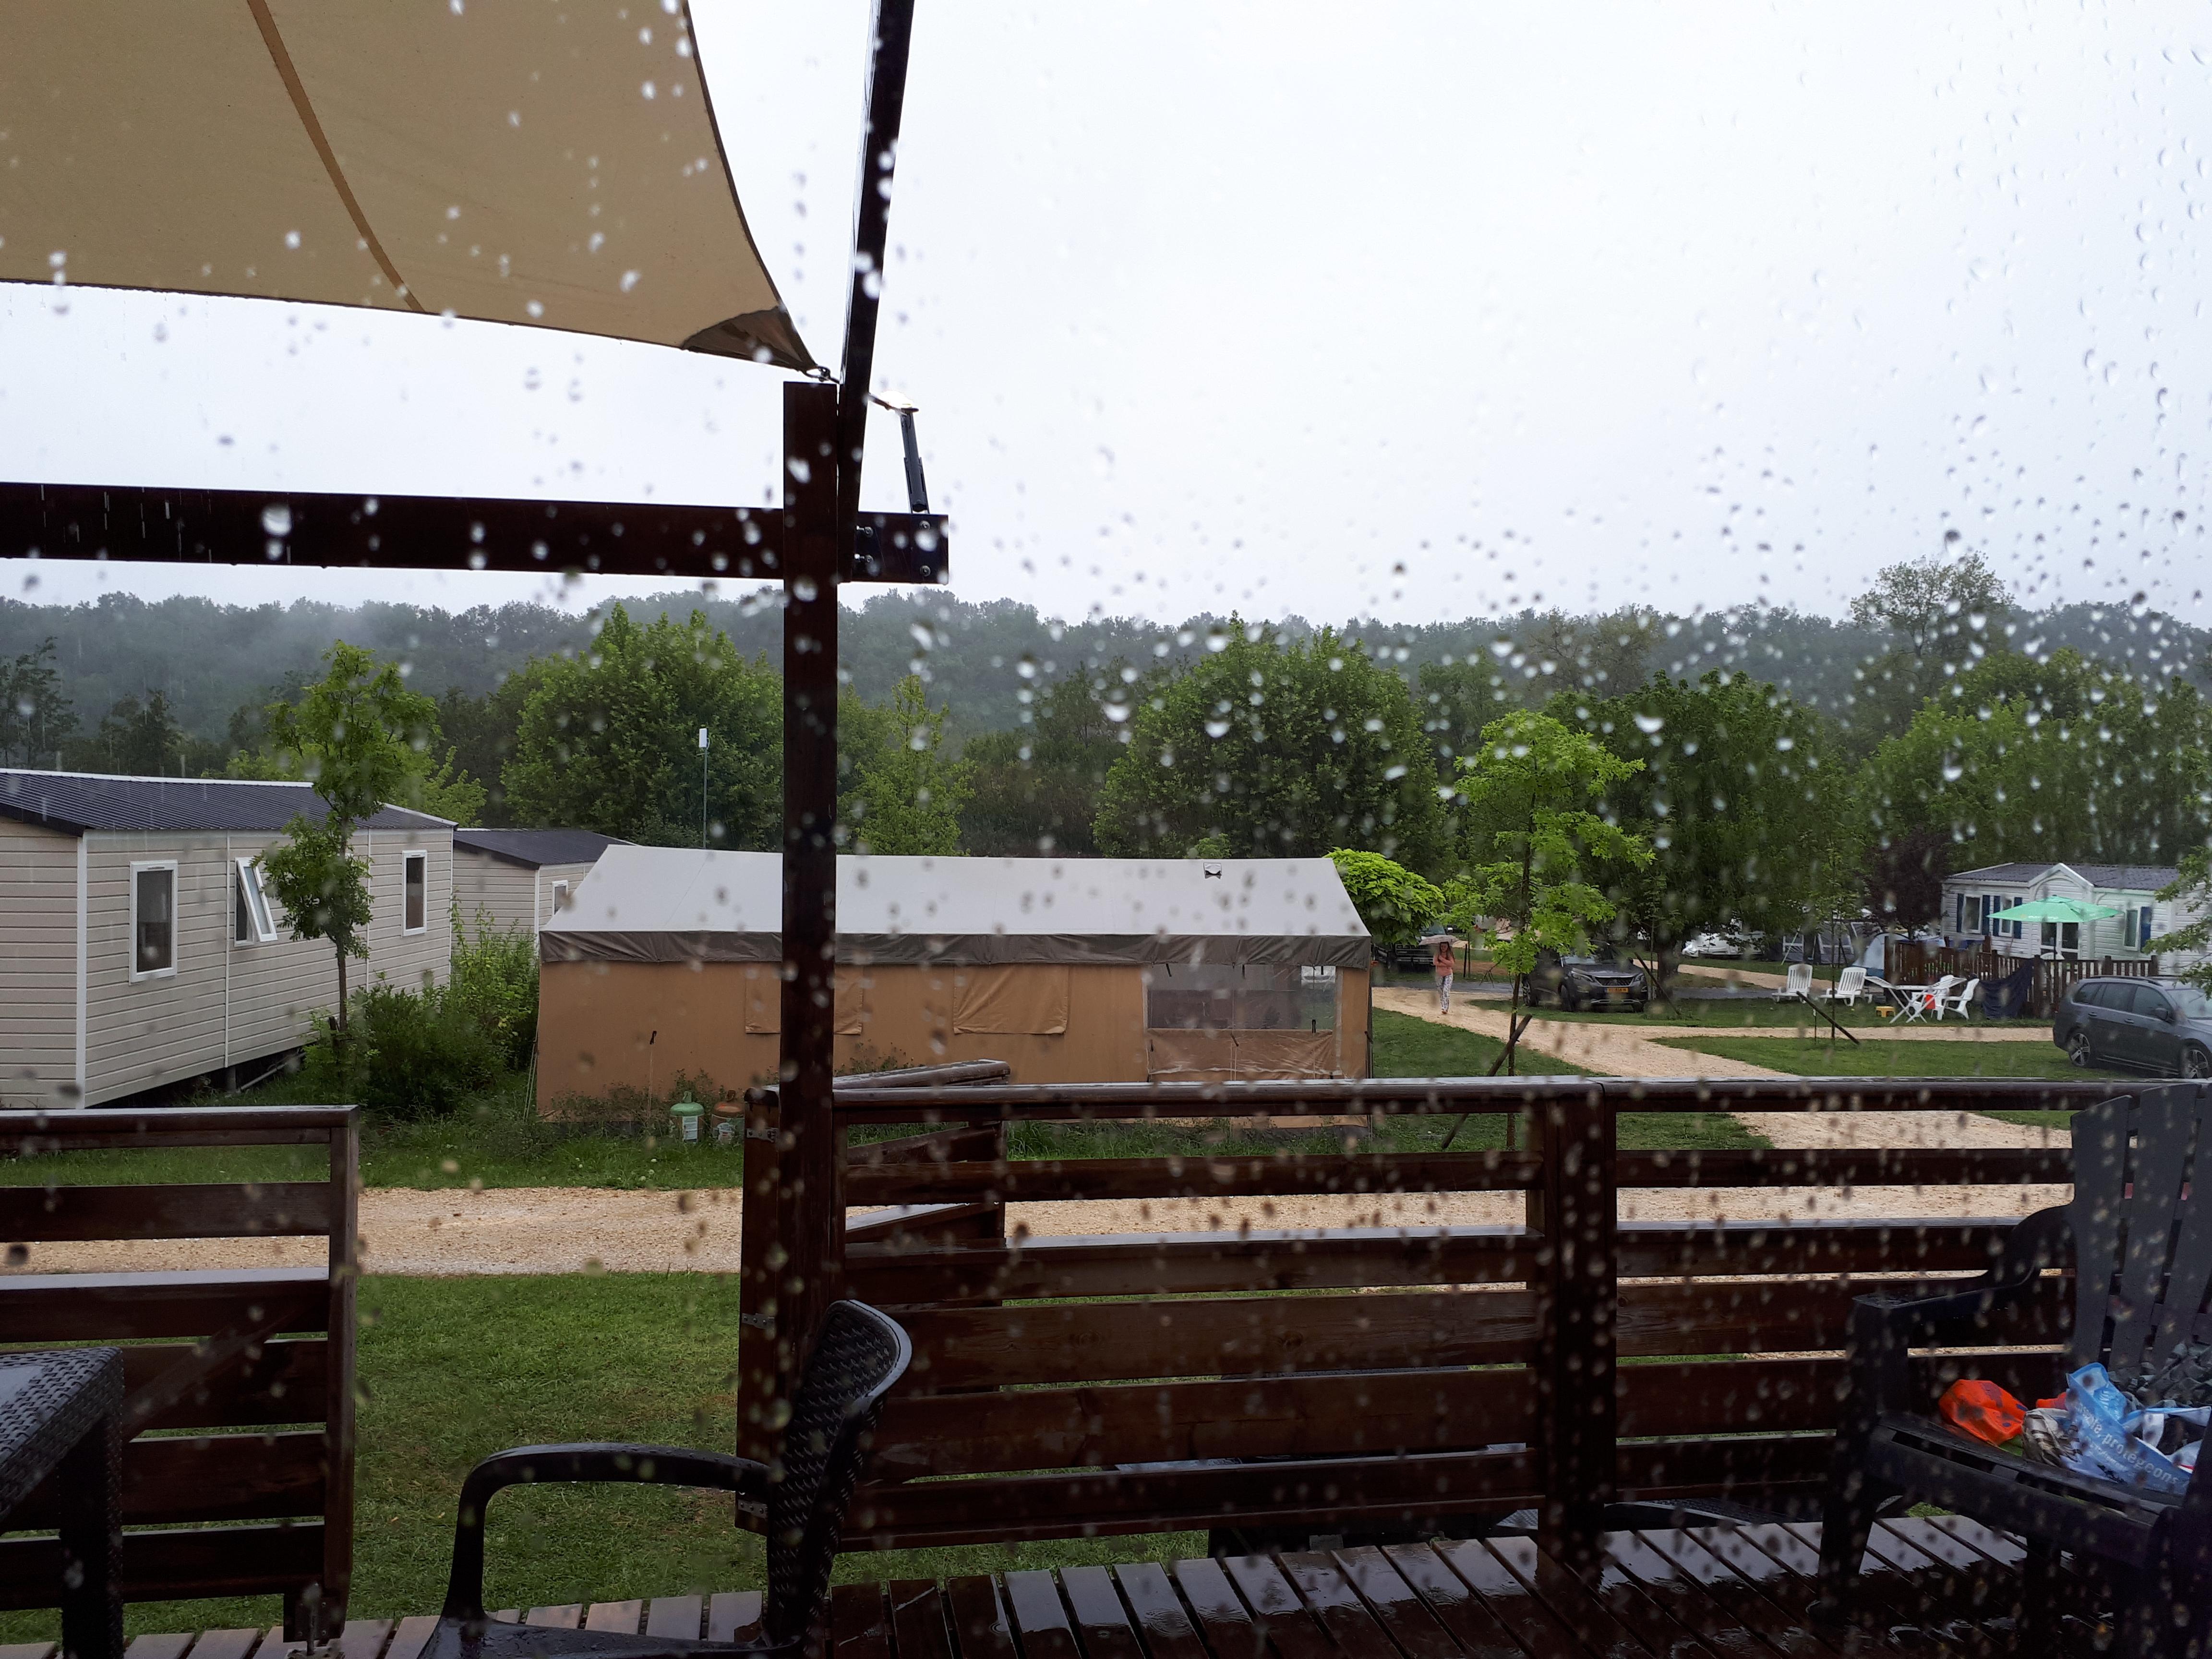 rainy holiday morning